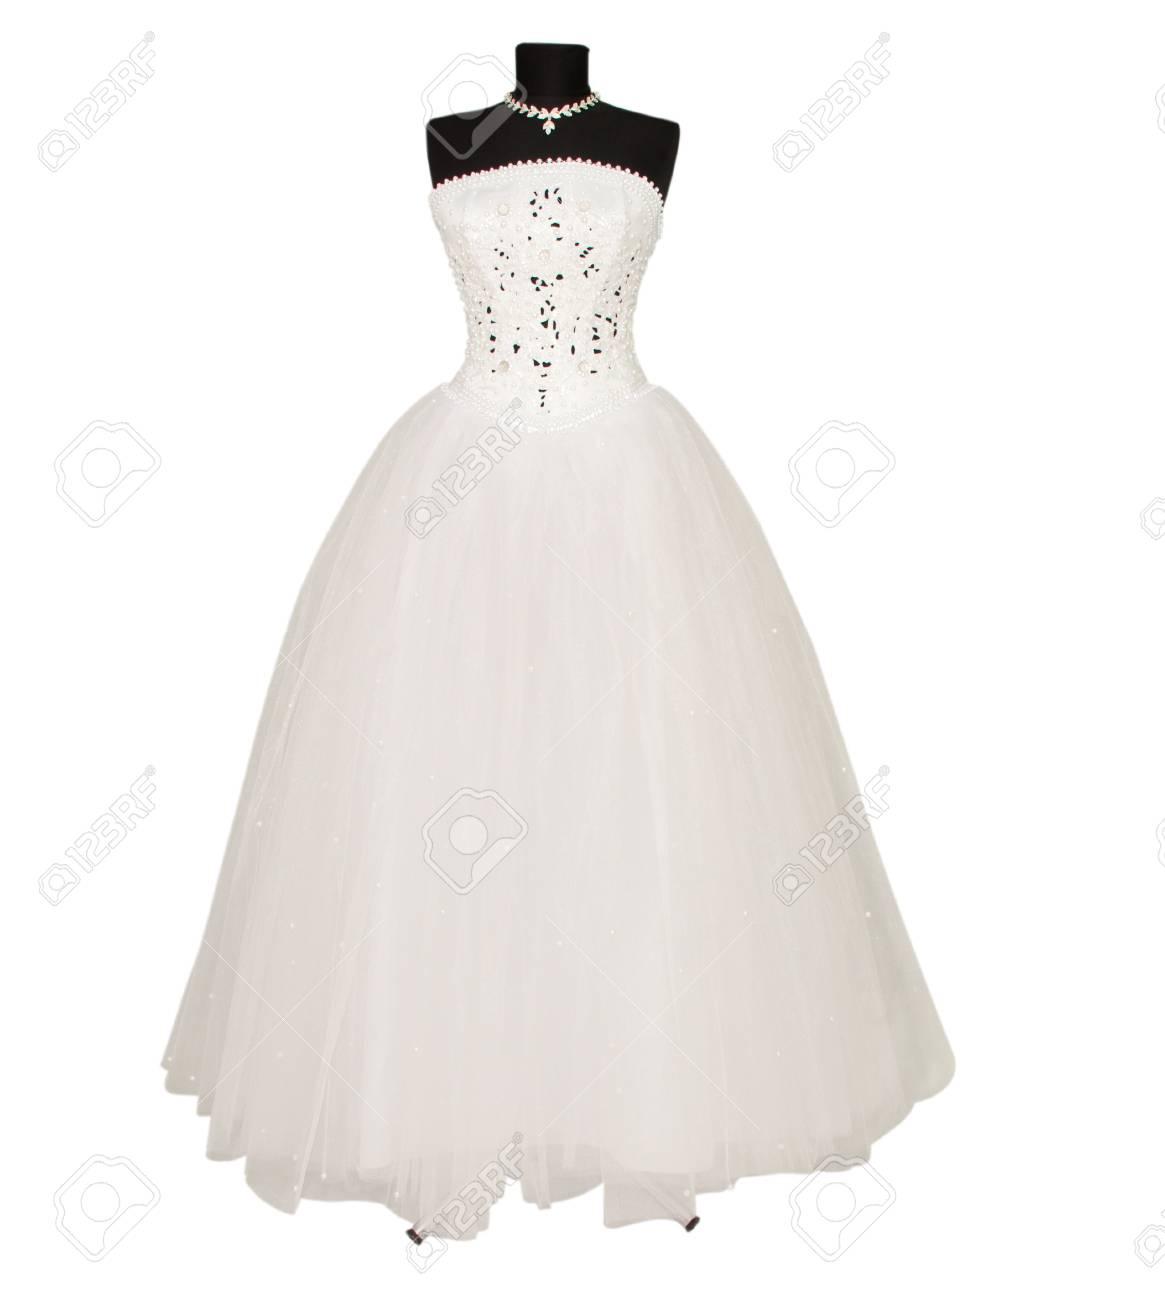 Hochzeitskleid Auf Weißem Hintergrund Lizenzfreie Fotos, Bilder Und ...